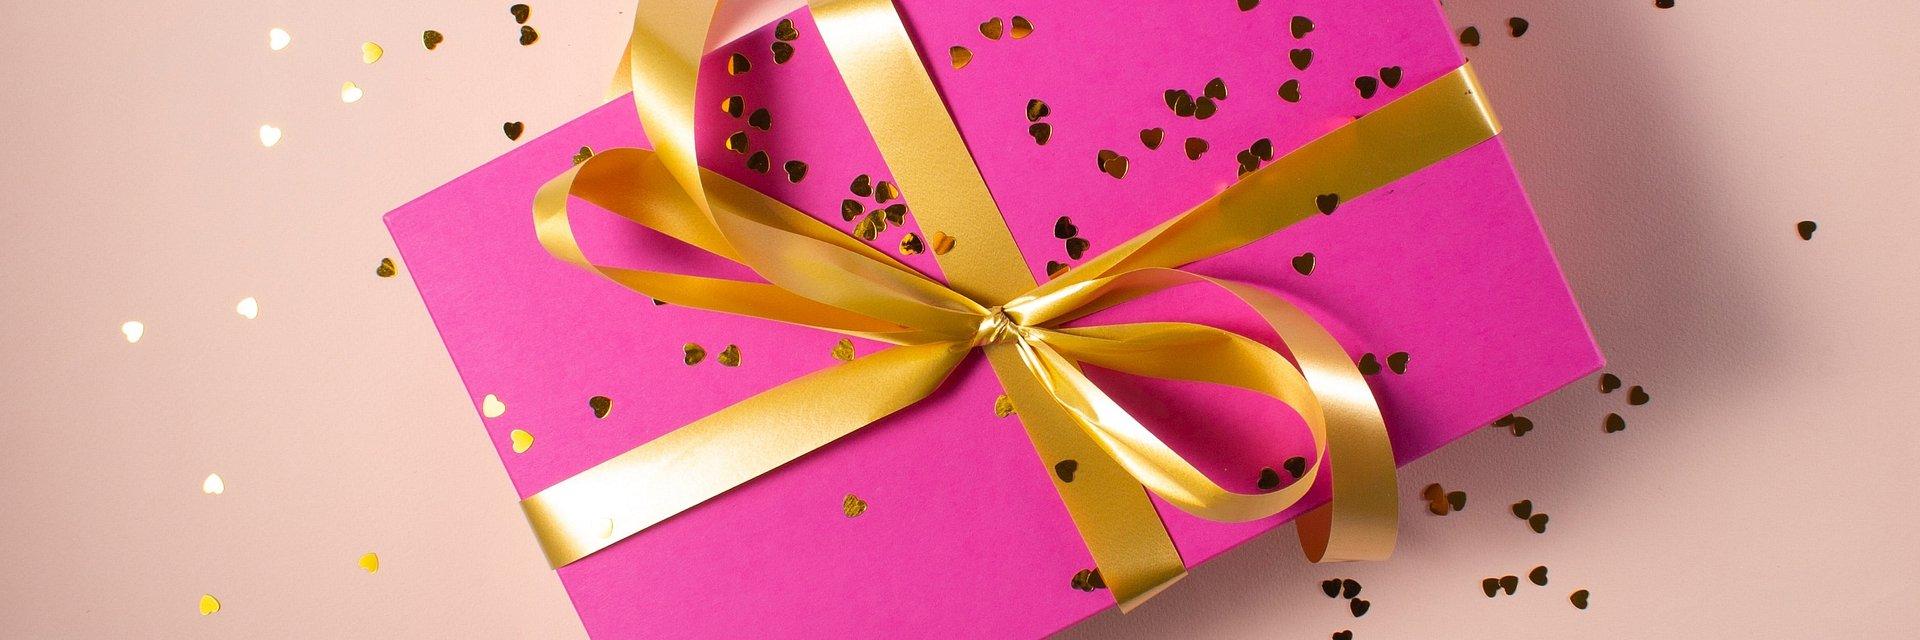 Czy Polacy lubią robić personalizowane prezenty?